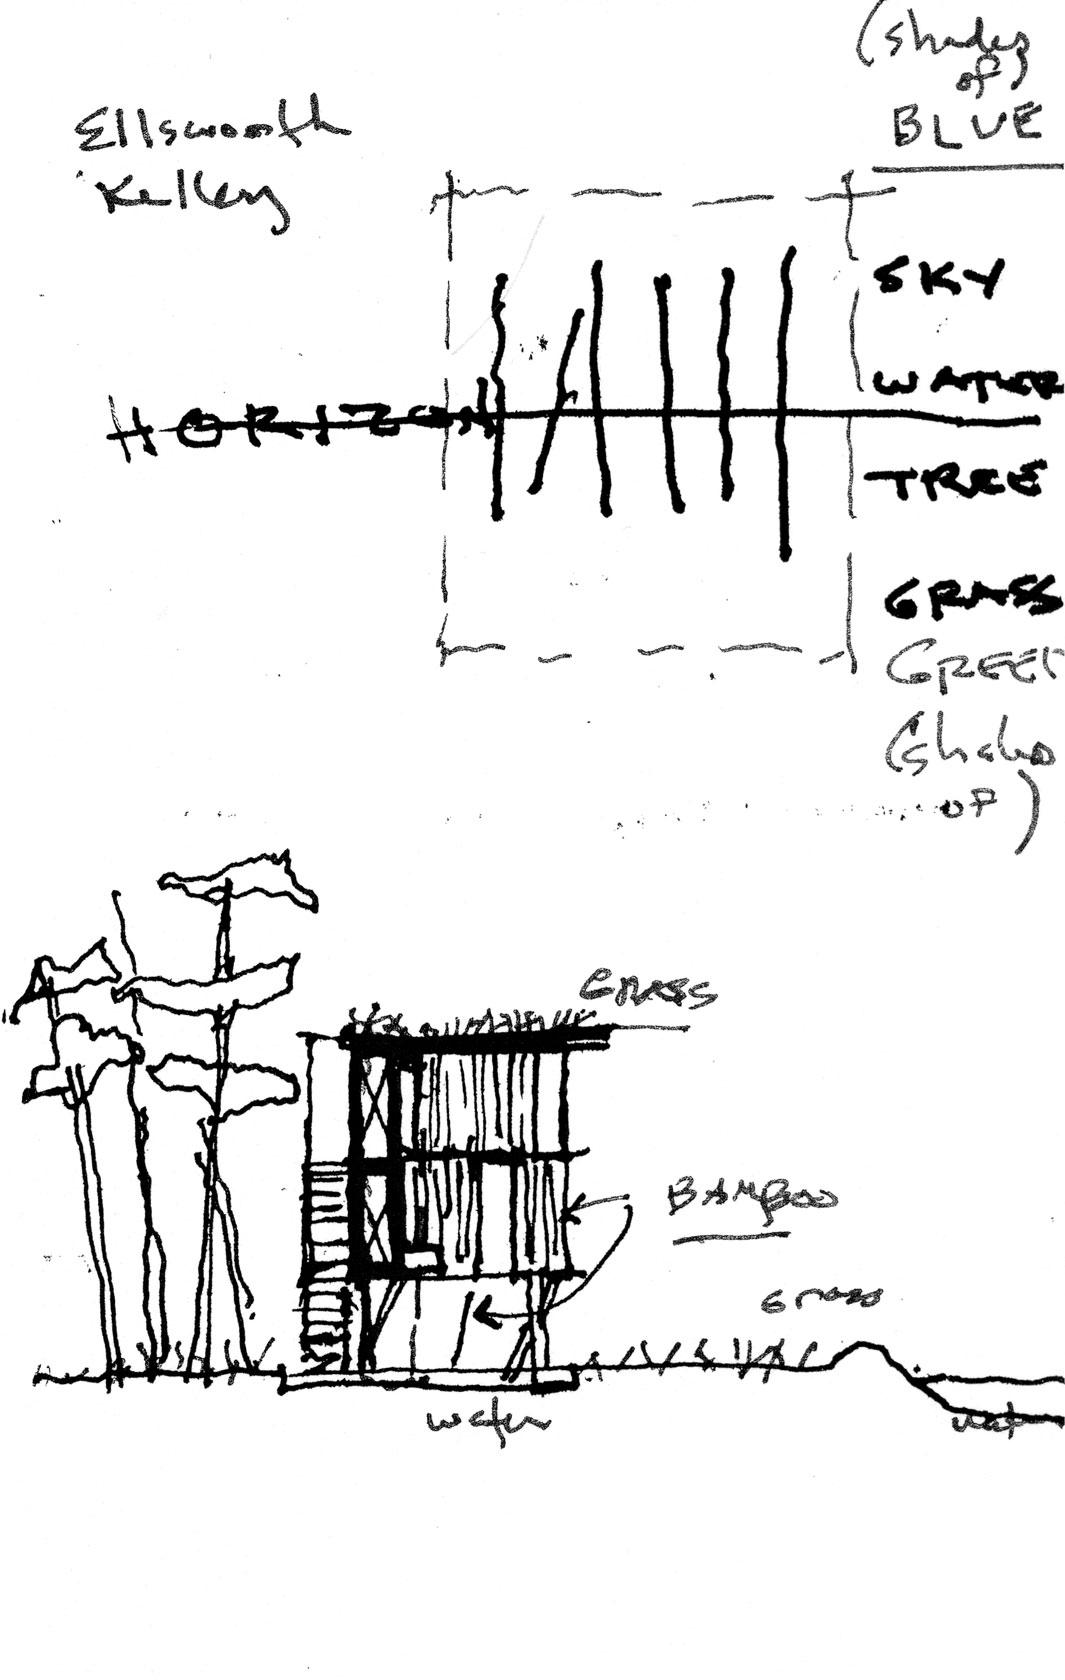 Dibujos de Casa Loblolly de Kieran Tiberlake